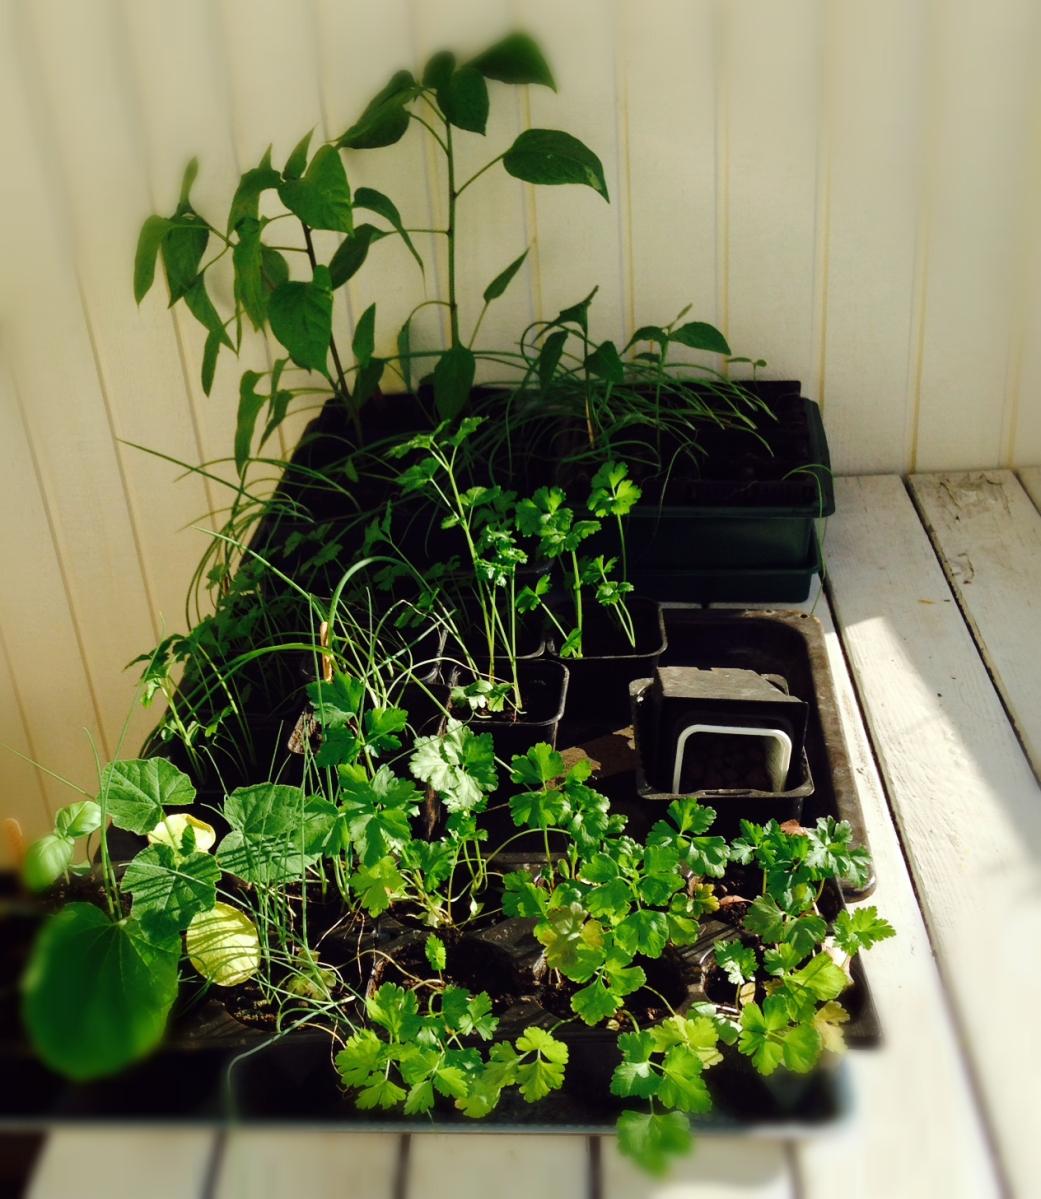 Dags att avhärda dina plantor!